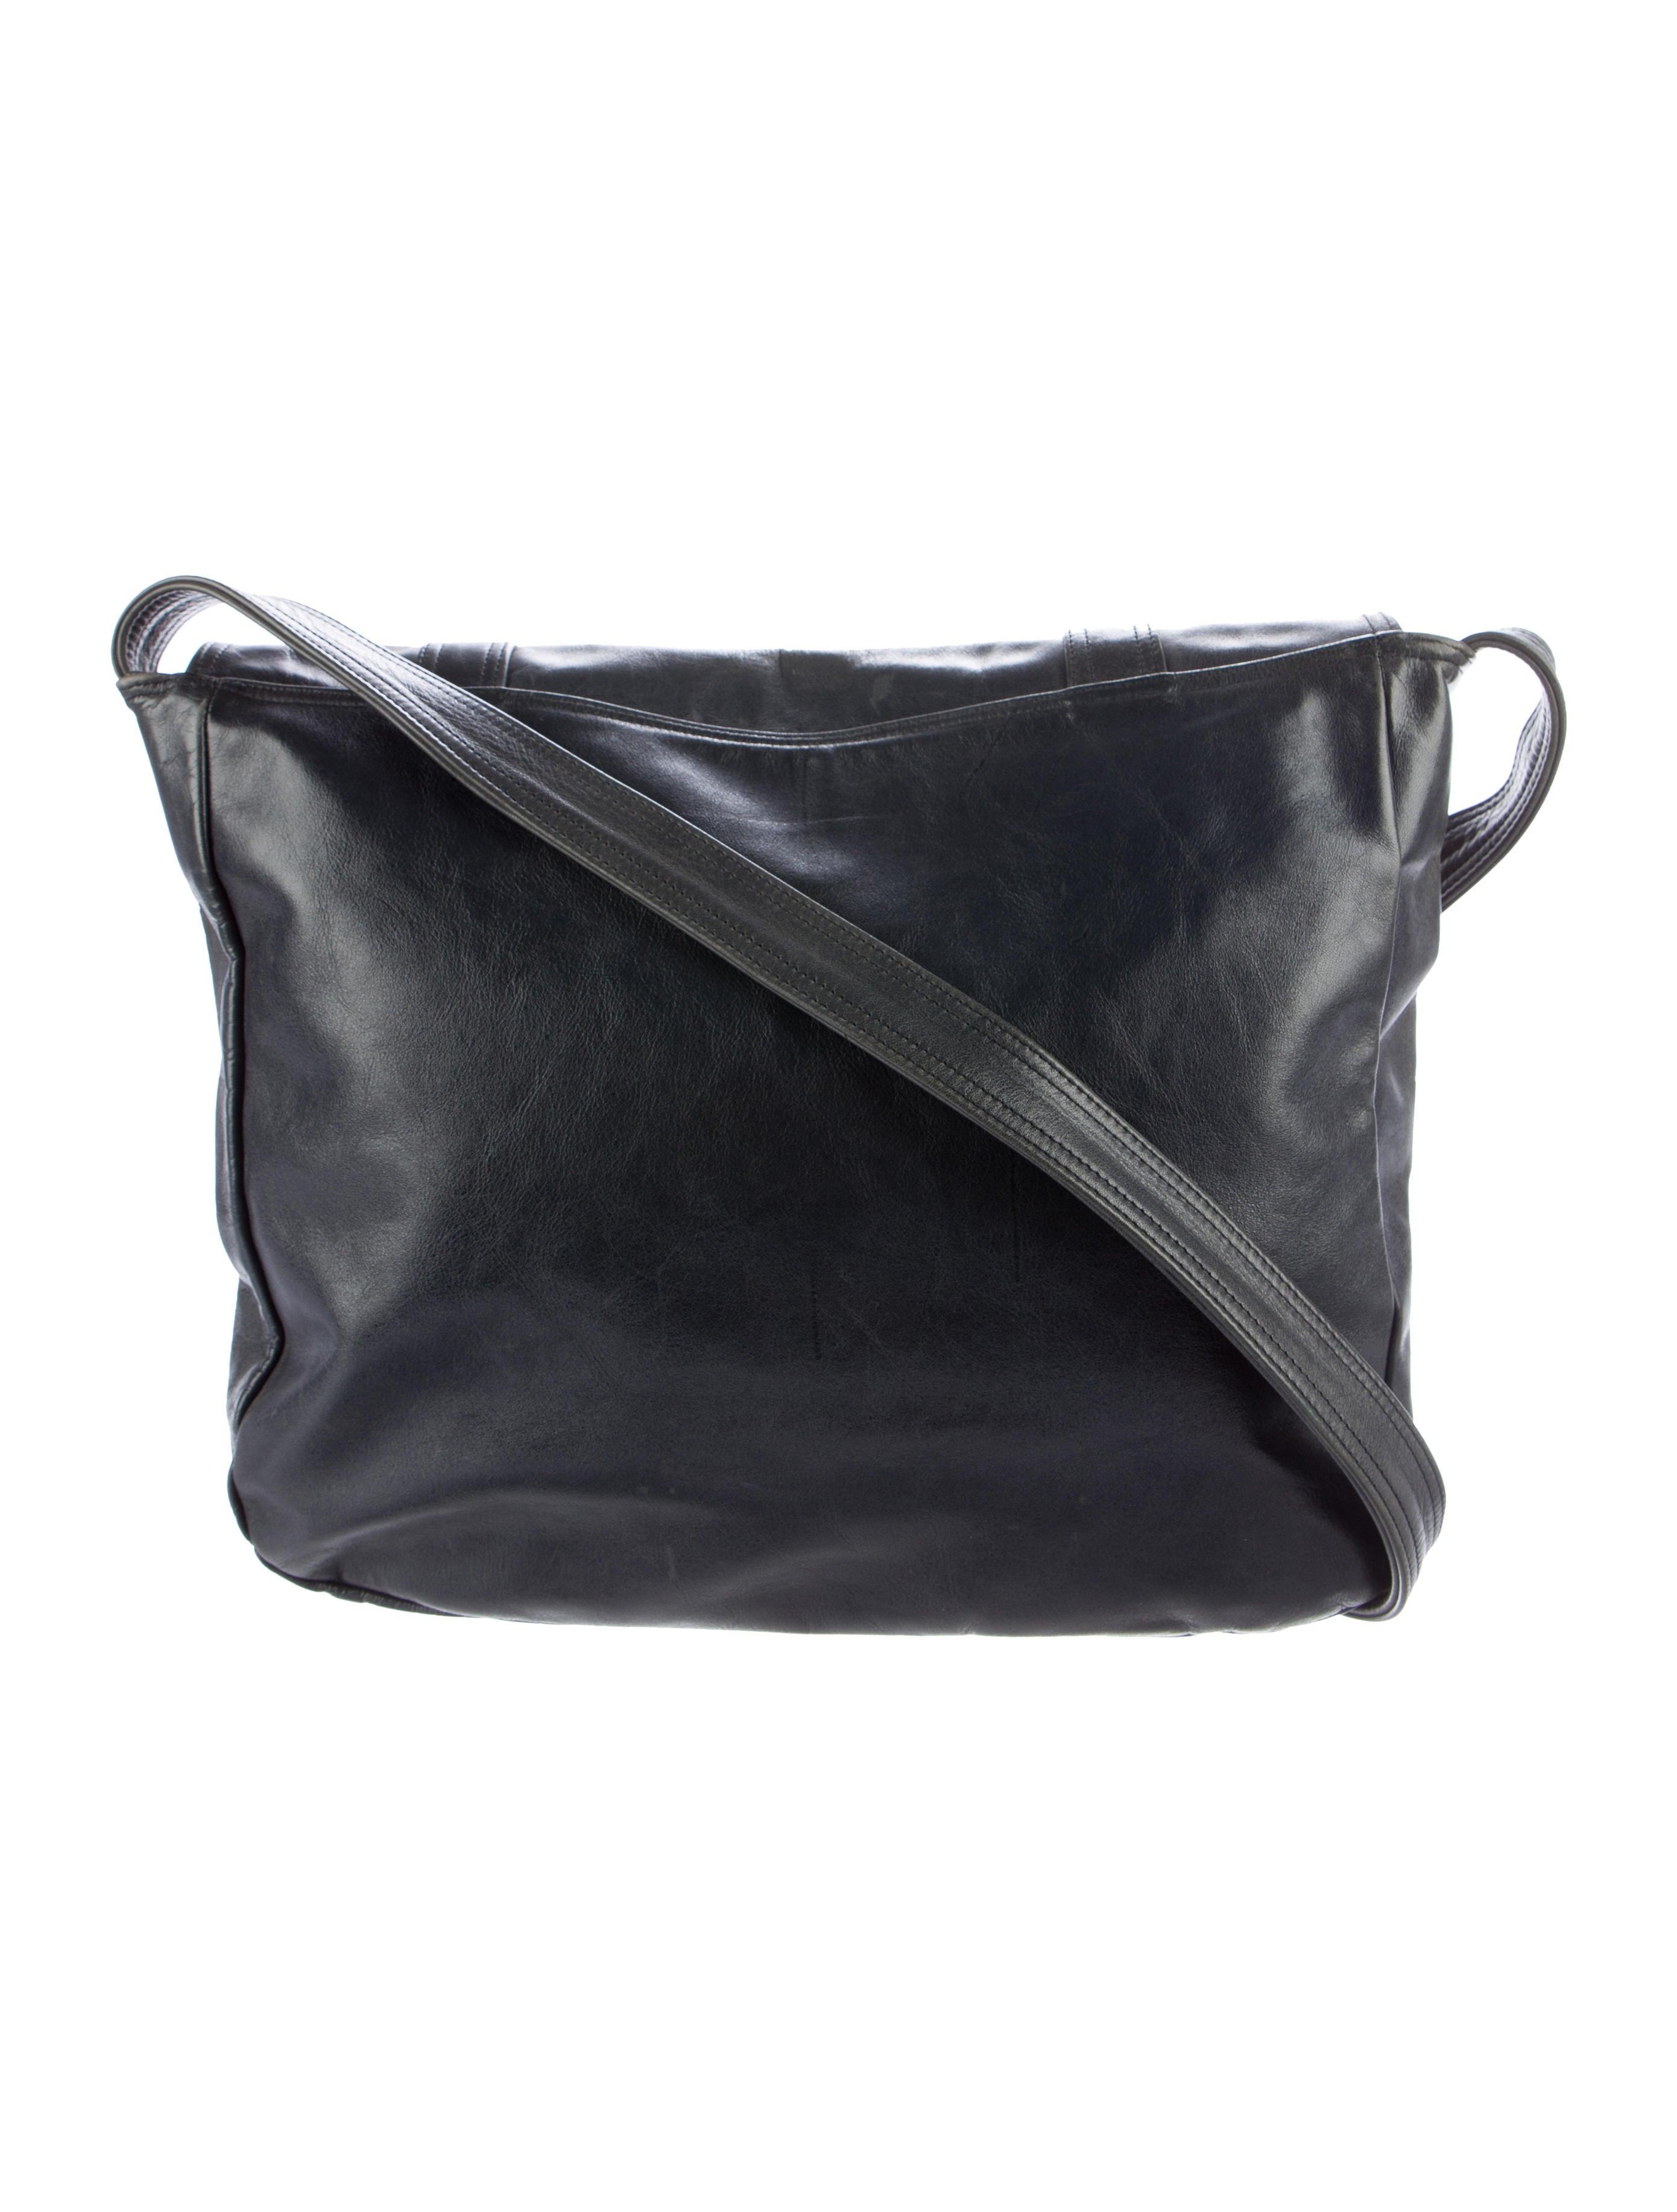 les prairies de paris distressed leather messenger bag